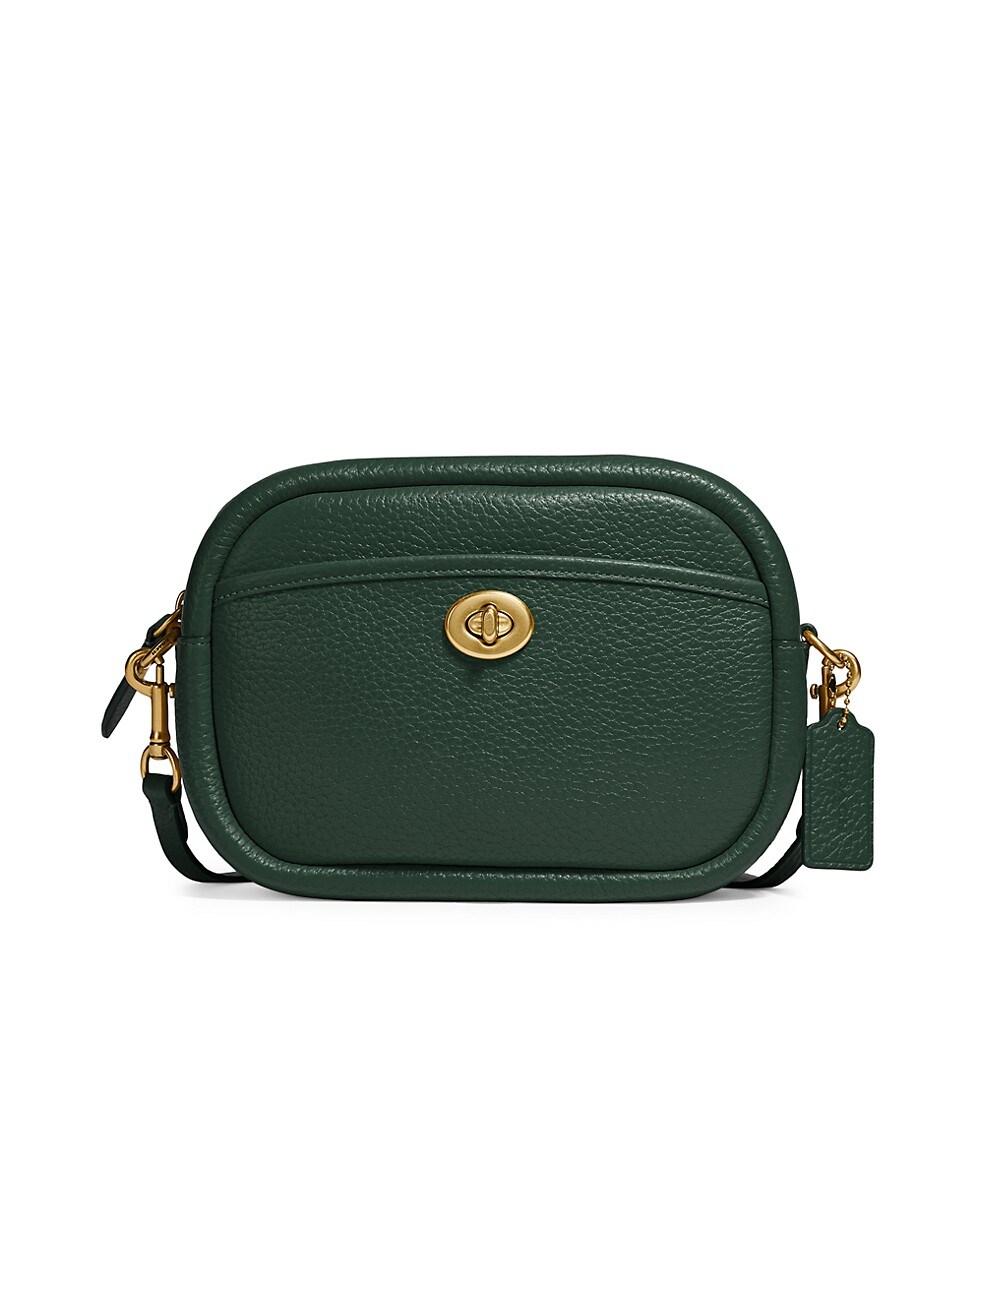 코치 카메라백 COACH Leather & Web-Strap Leather Camera Bag,GREEN